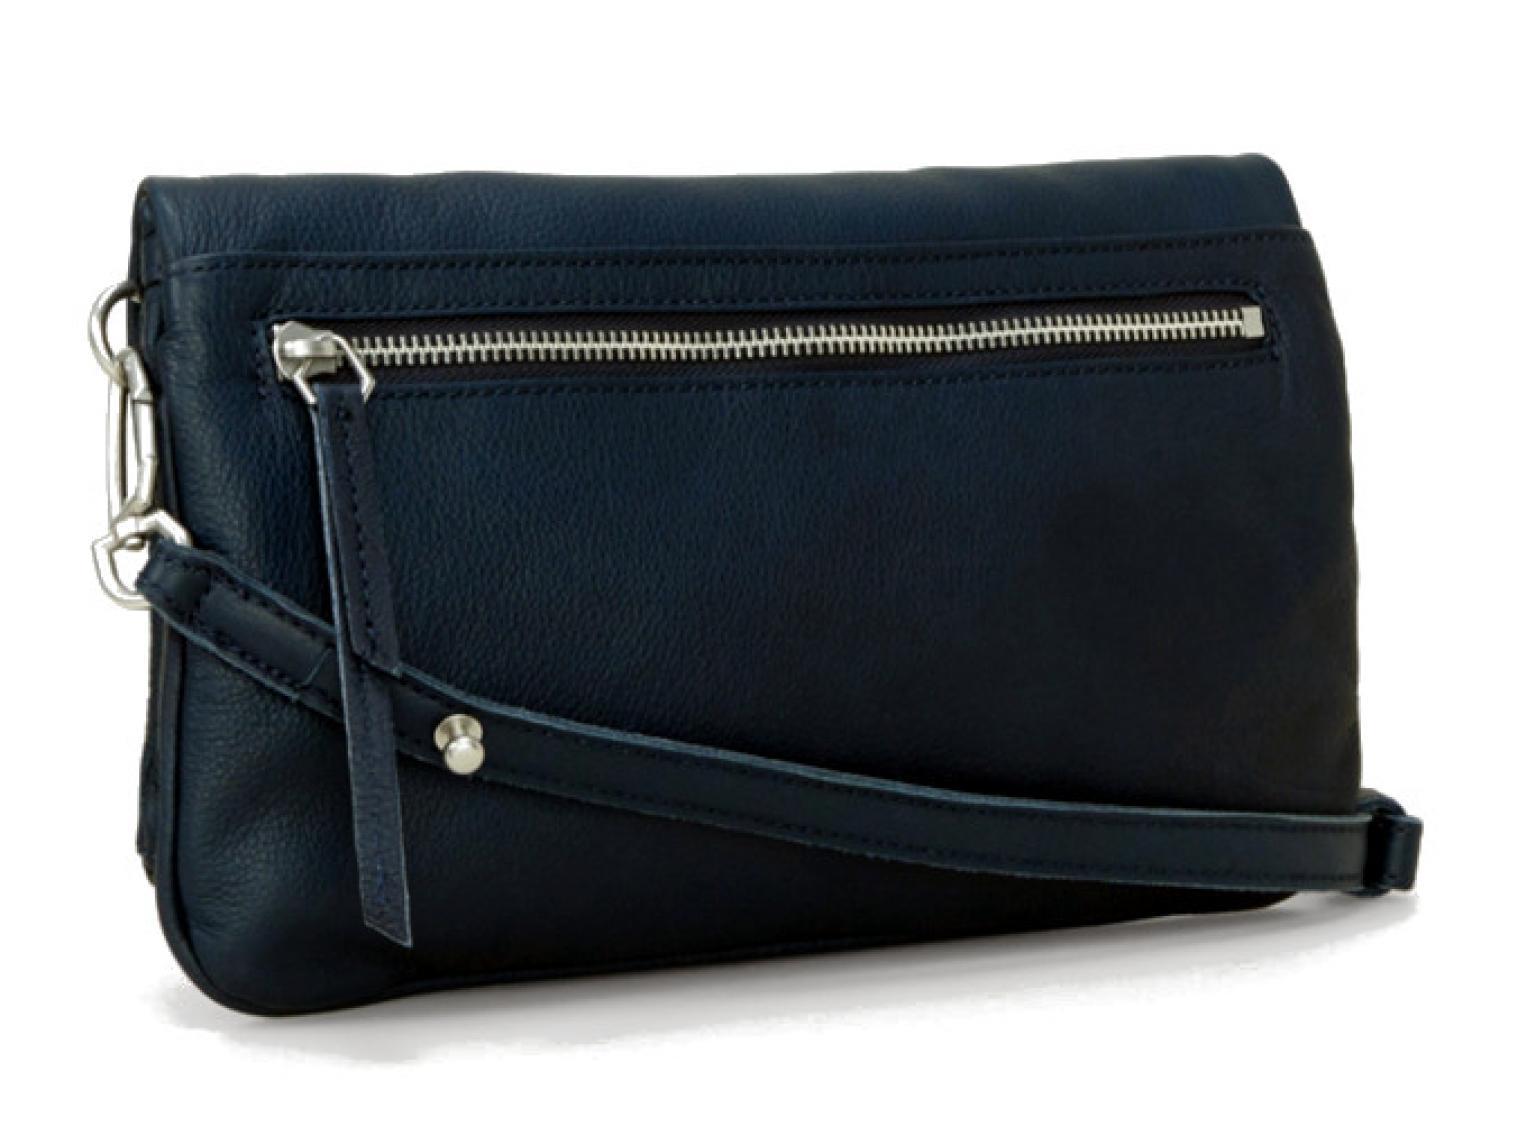 Liebeskind Clutch Aloe7 Ledertasche Dark Blue Vintage - Bags   more 4489dbf063